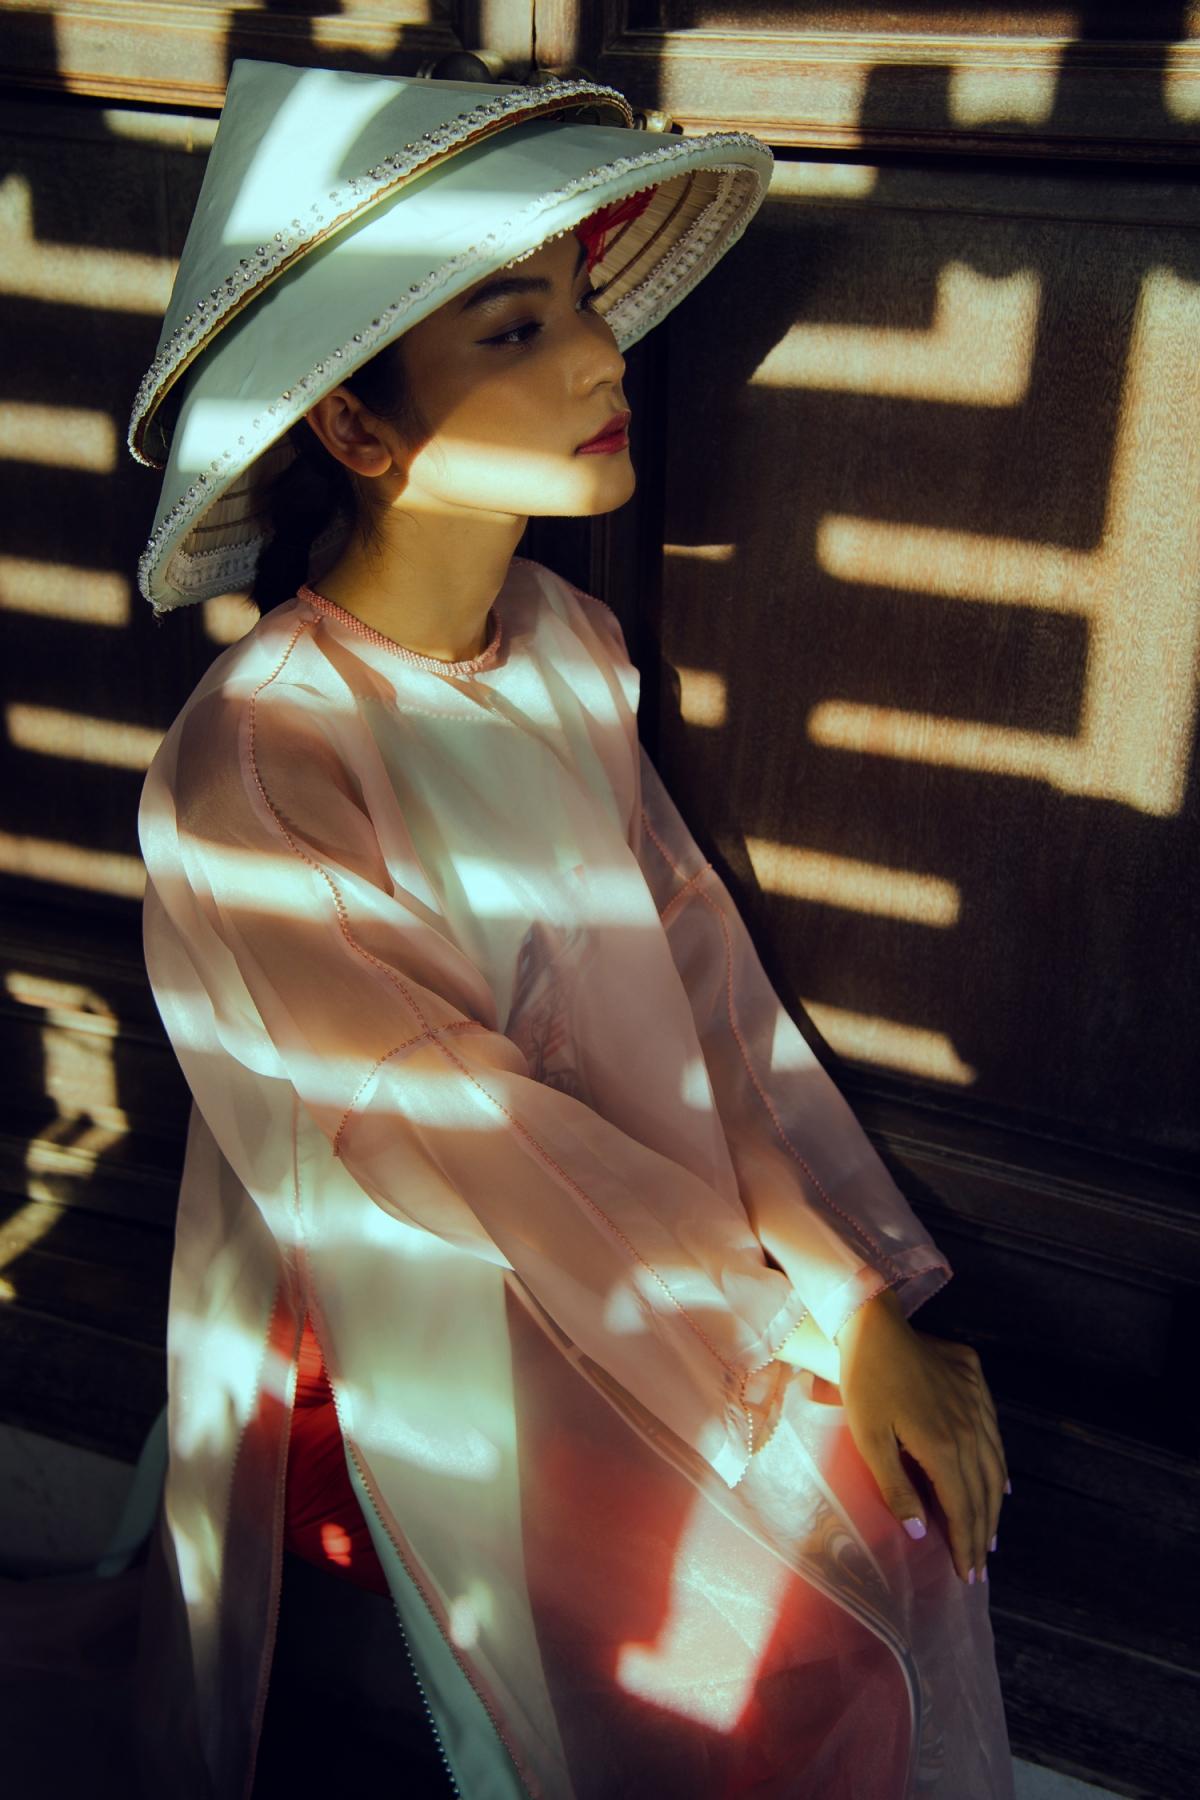 Bộ sưu tập cũng cho thấy sự sáng tạo của Cao Minh Tiến khi ứng dựng một cách đa dạng trên áo yếm, áo dài ngũ thân, áo dài tứ thân...